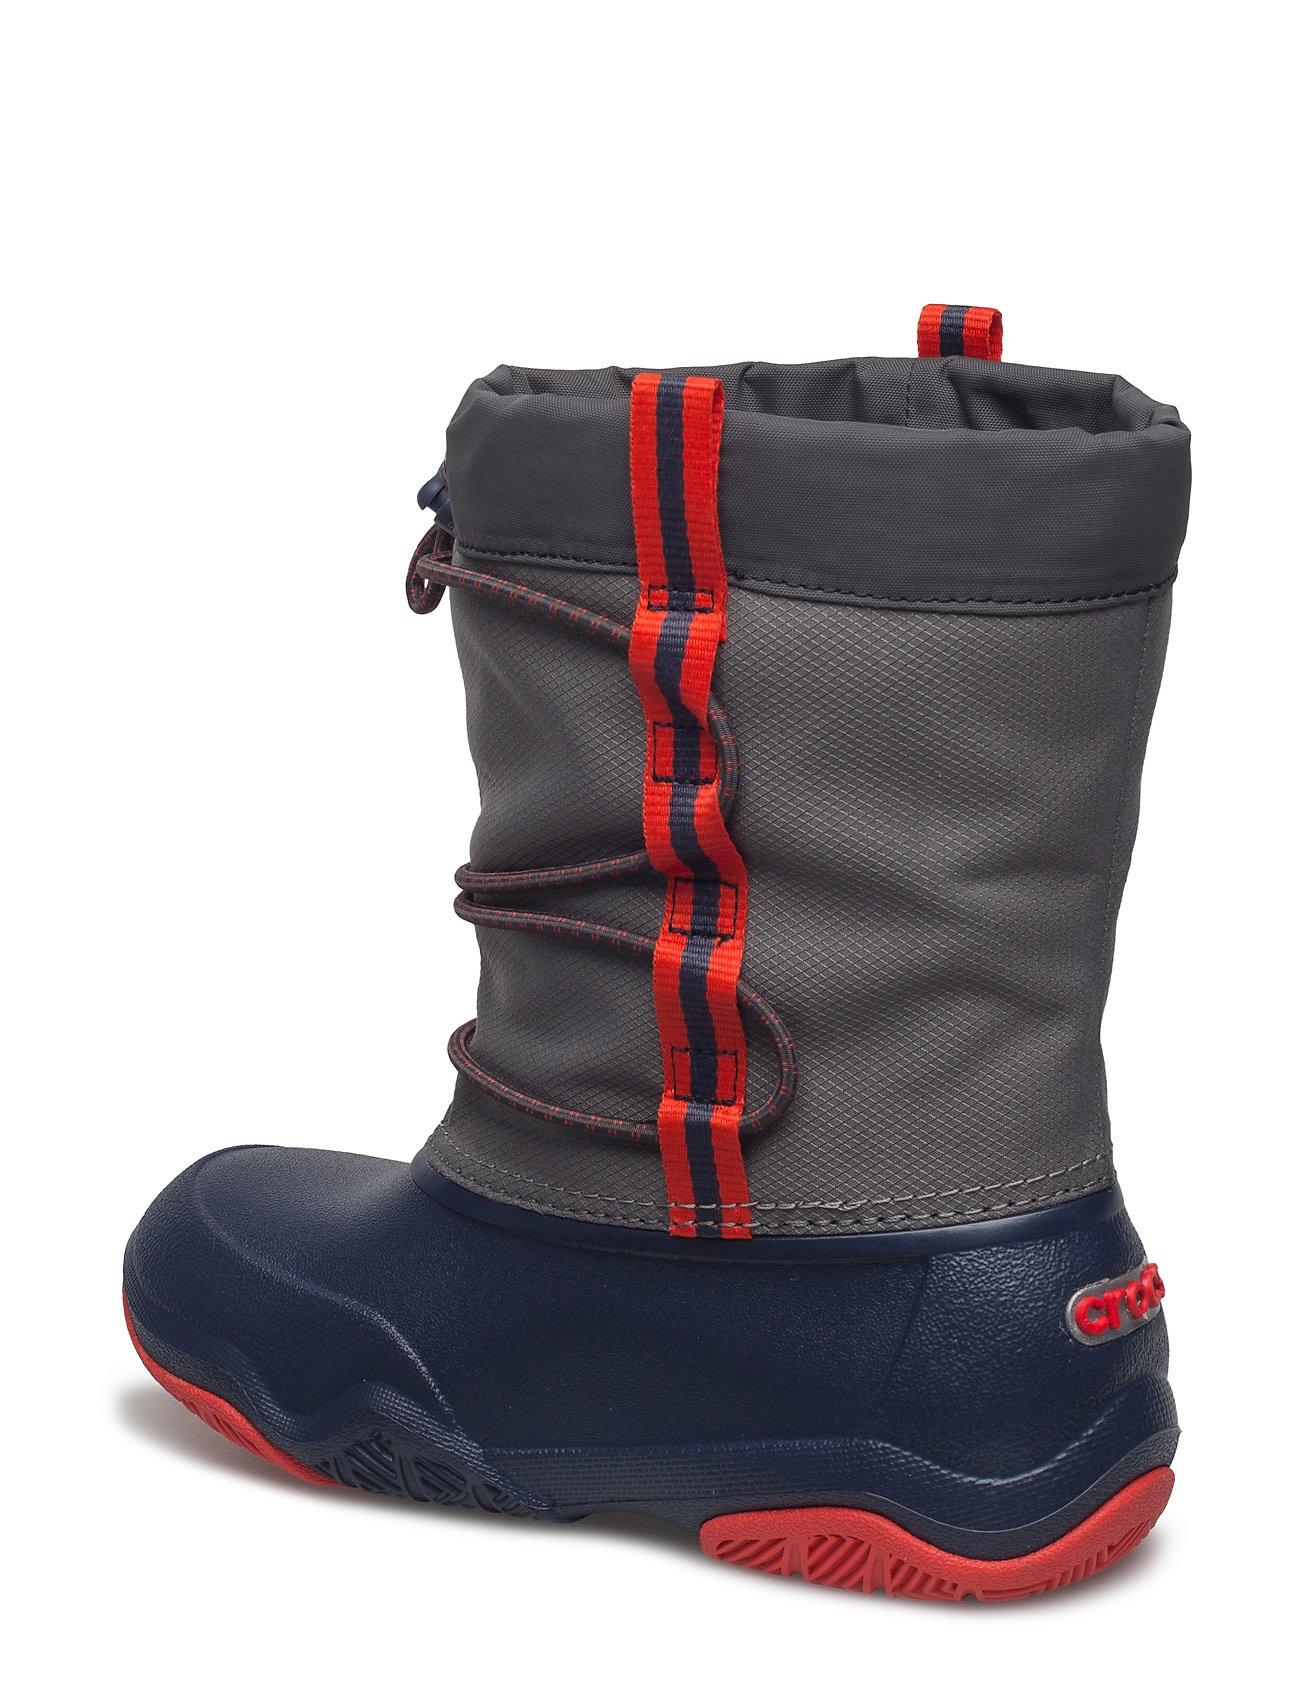 Swiftwater Waterproof Boot K Crocs Støvler til Børn i